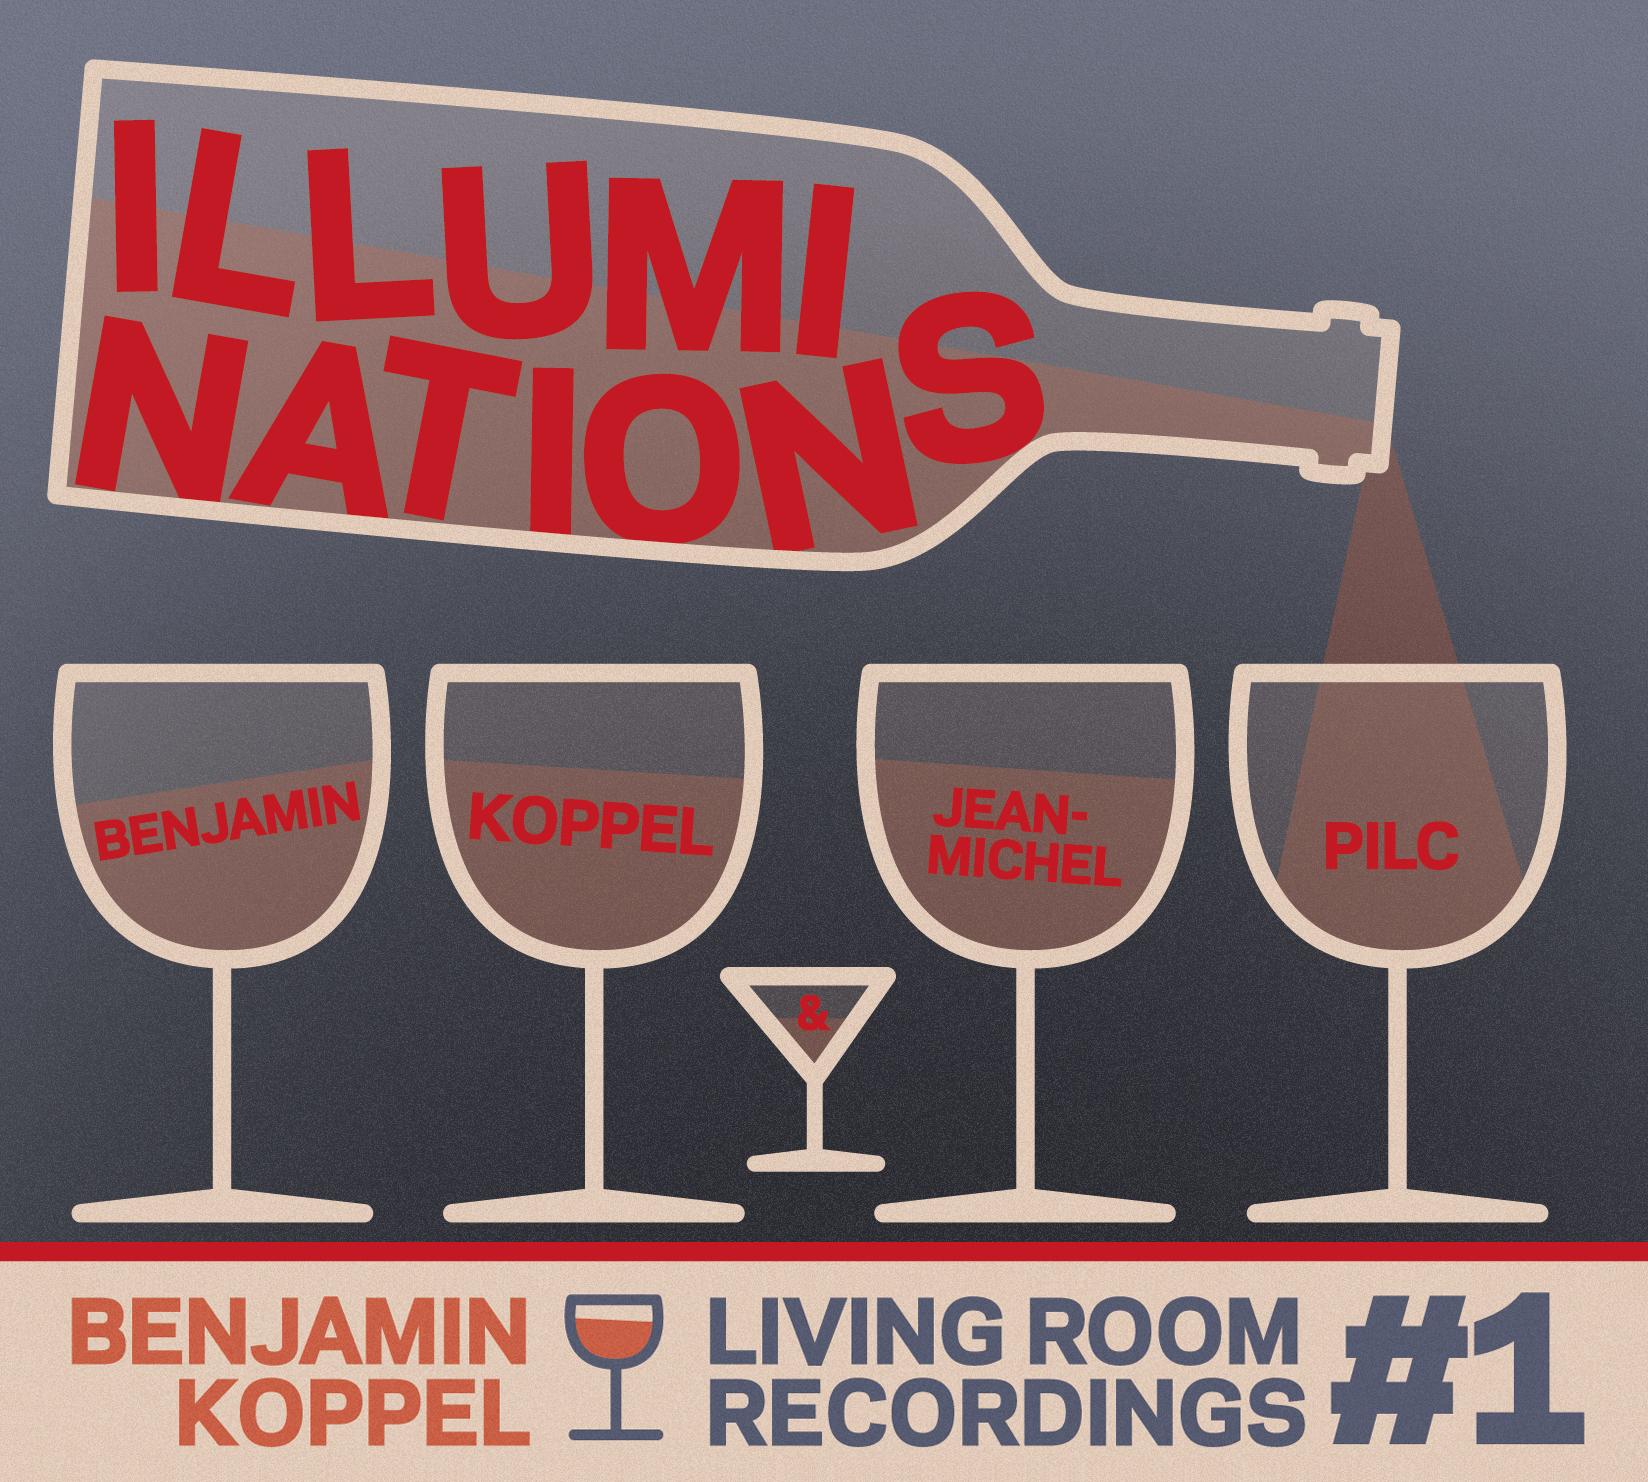 Illuminatons